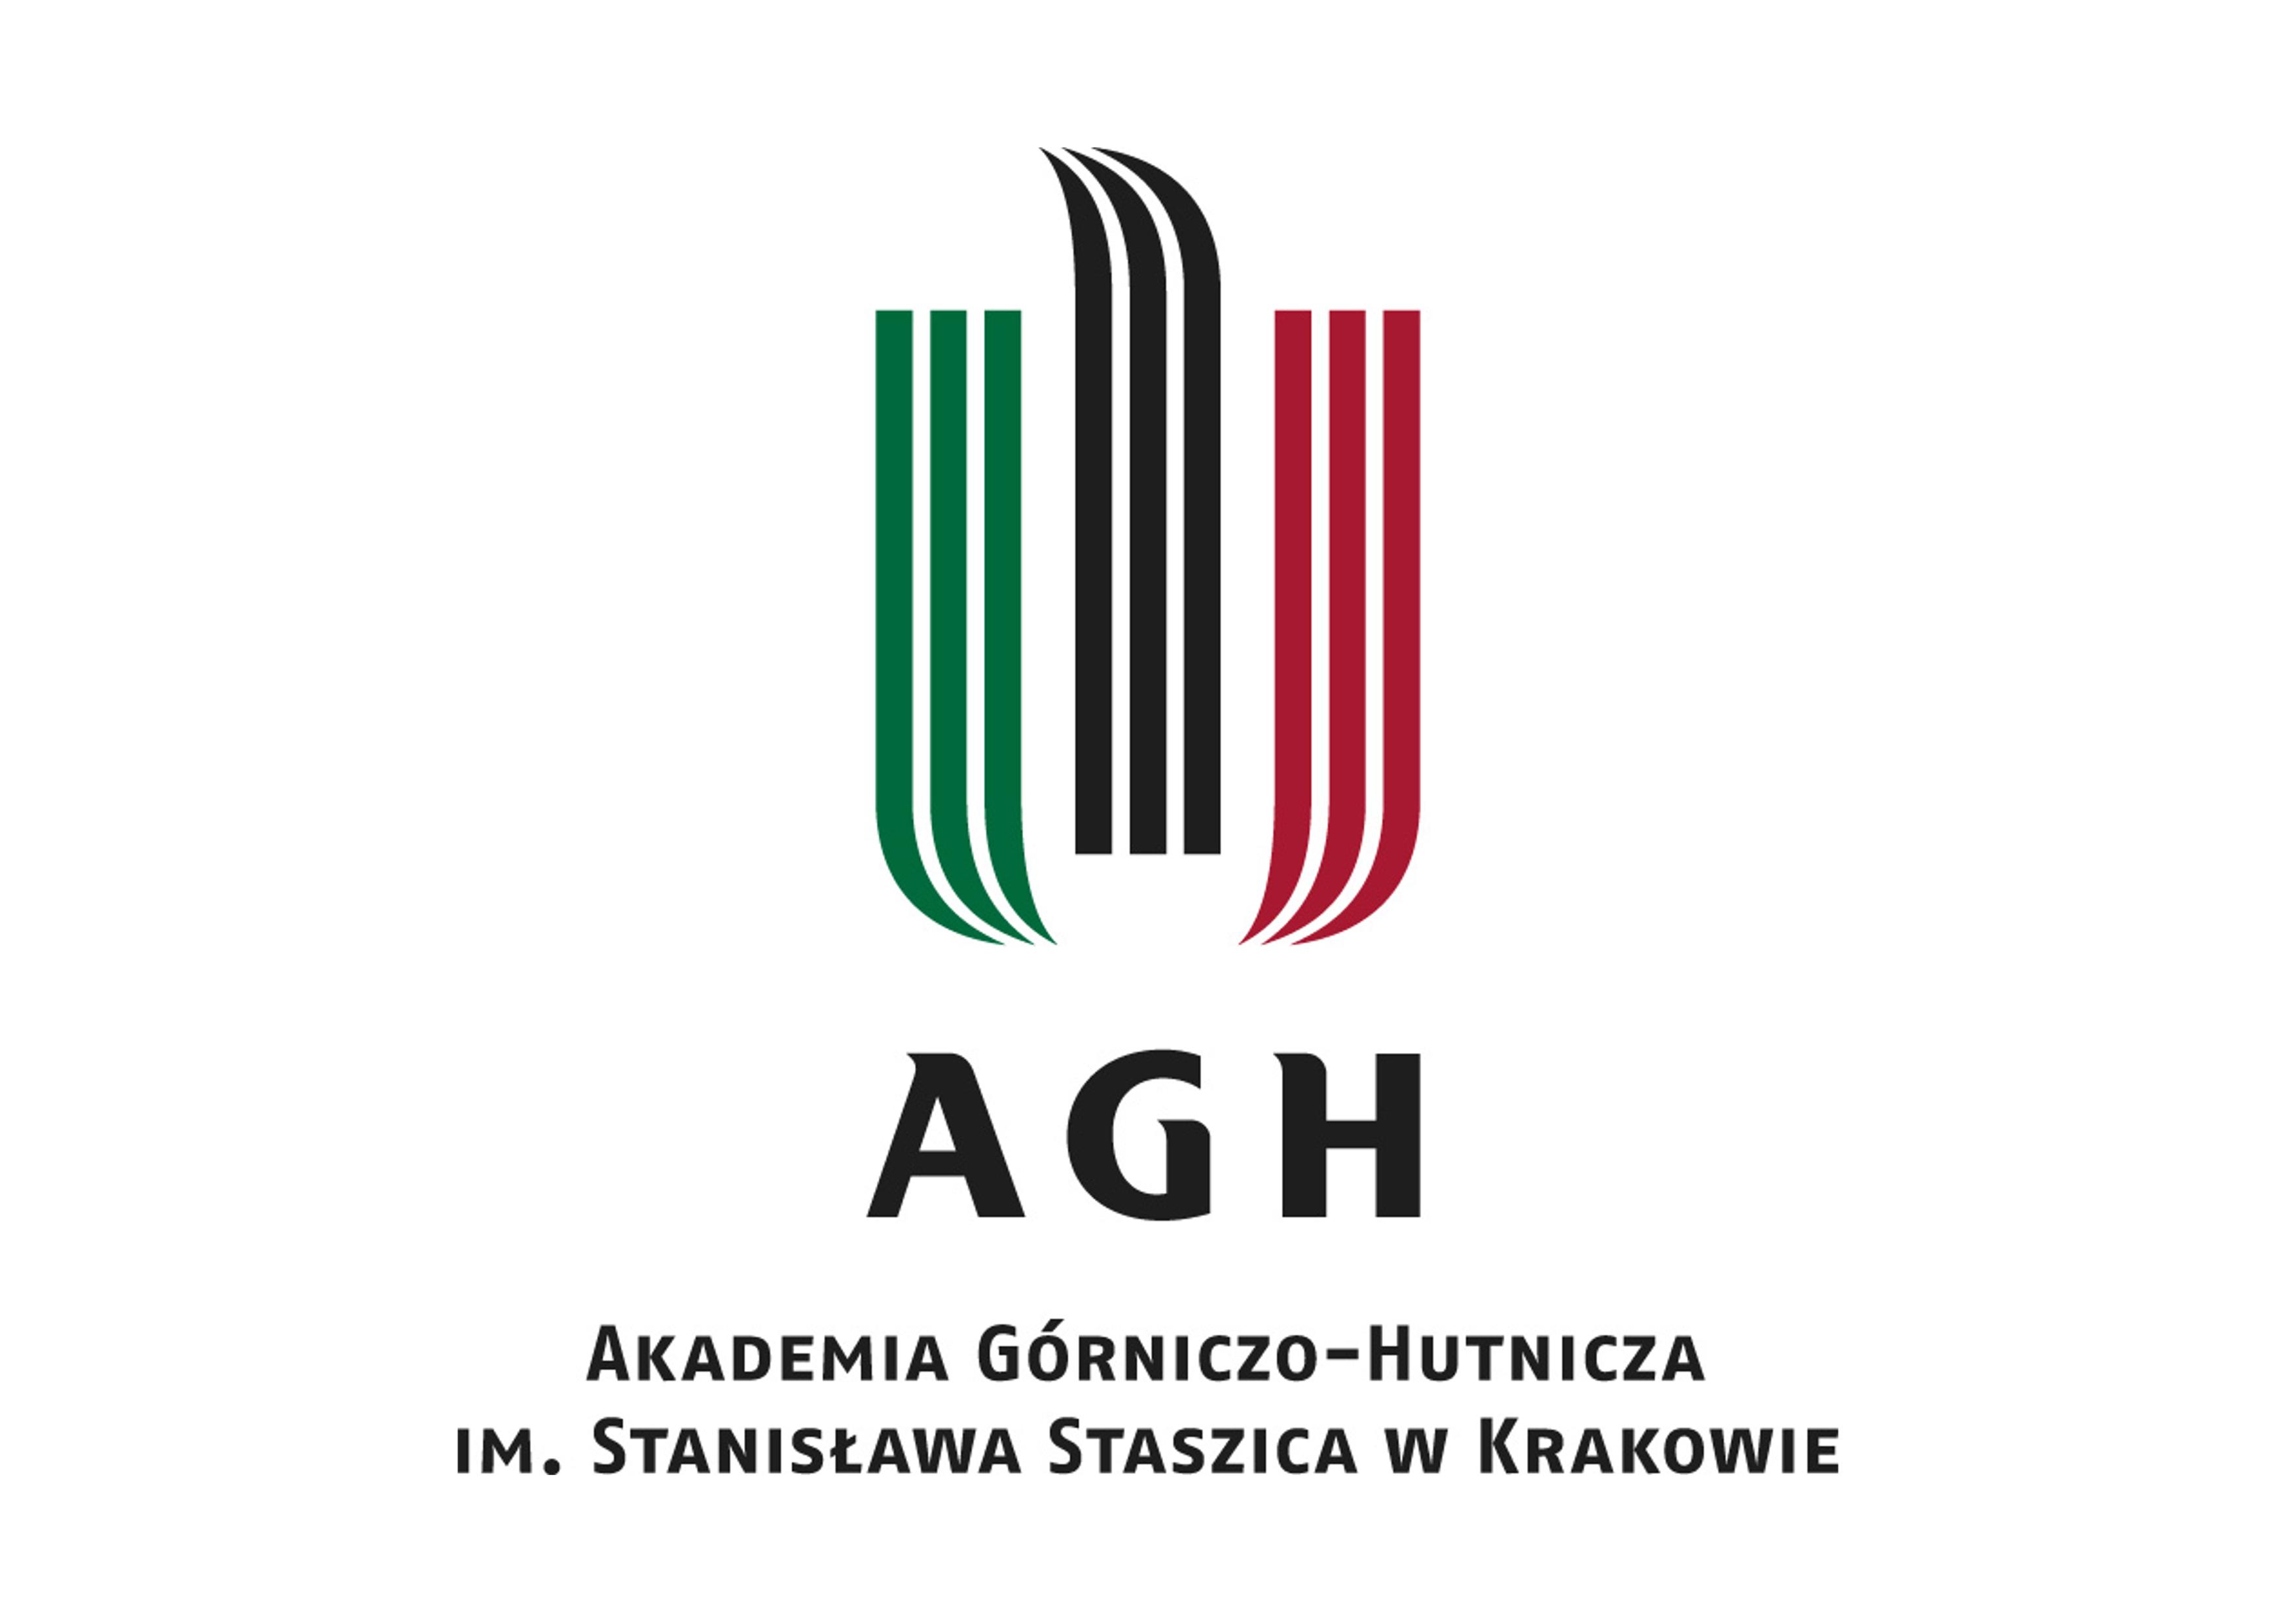 Akademia Górniczo-Hutnicza